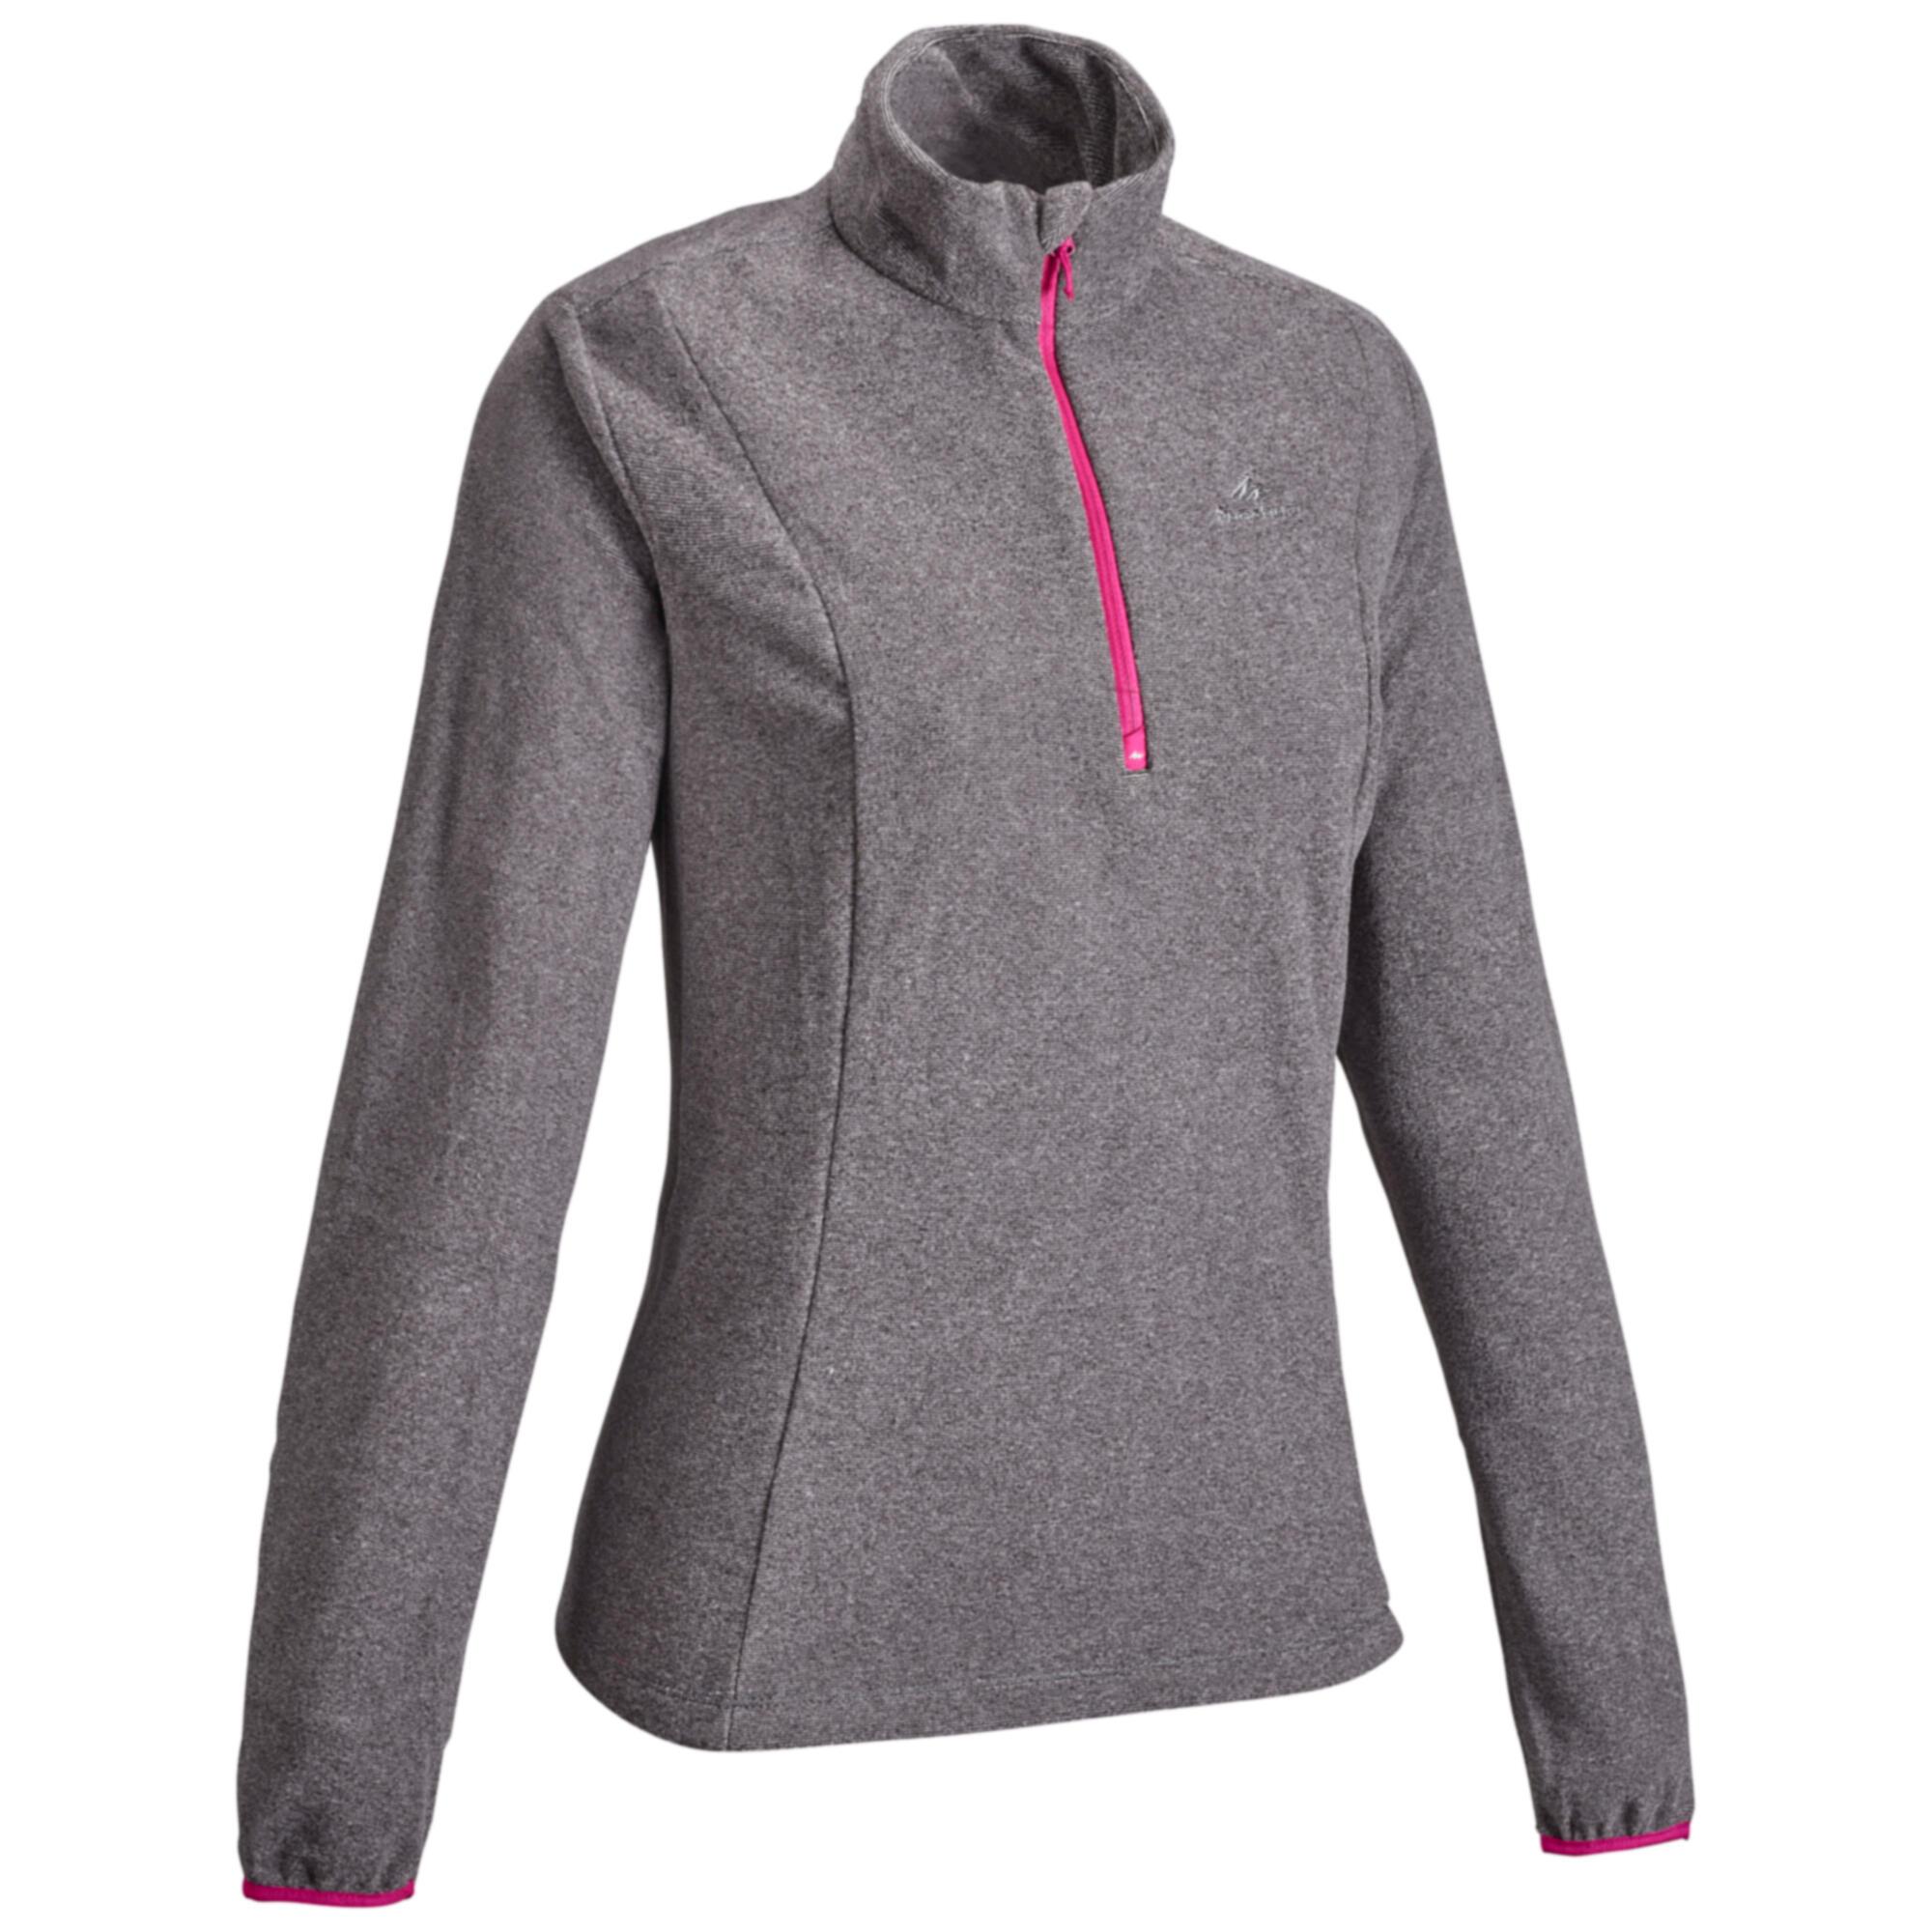 Fleecepullover Bergwandern MH100 Damen grau | Sportbekleidung > Fleecepullover | Quechua